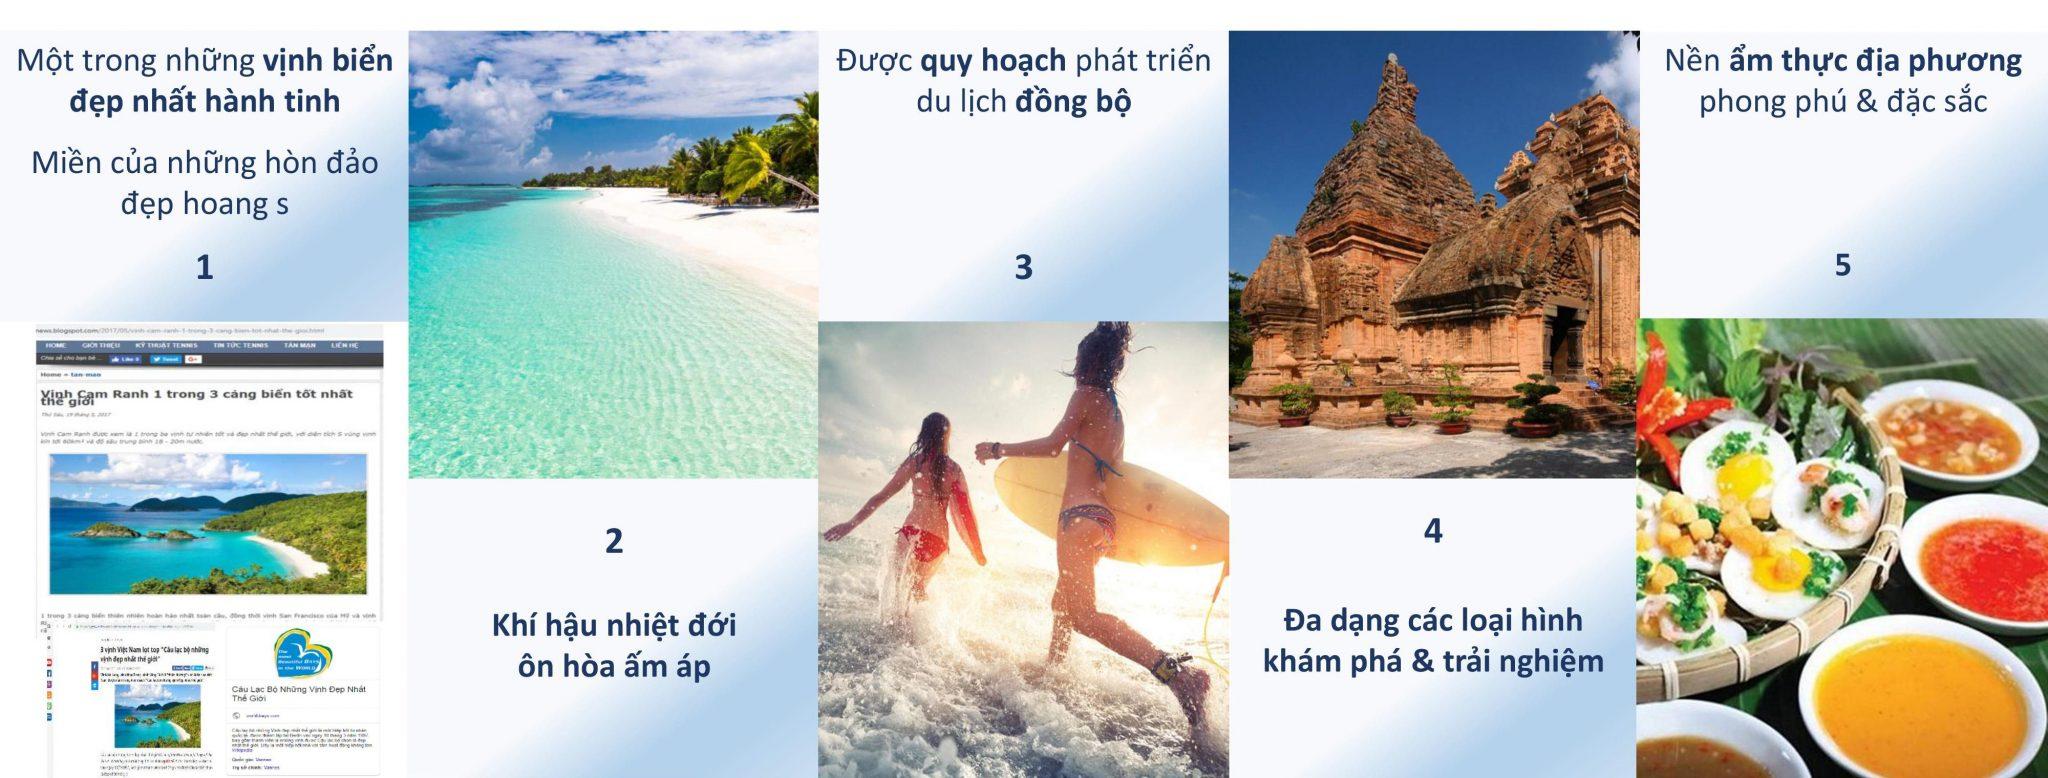 Phát triển du lịch biển Khánh Hòa